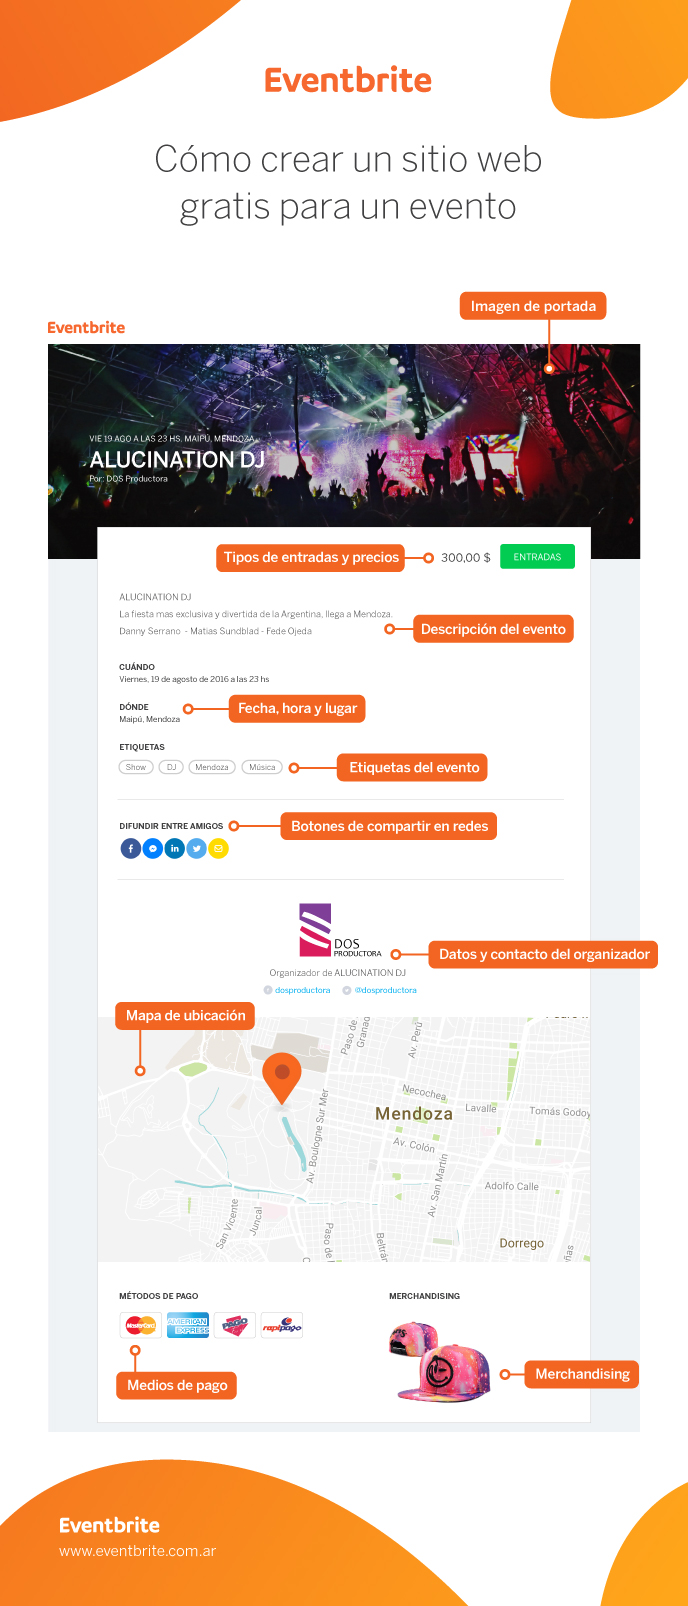 Cómo-crear-un-sitio-web-gratis-para-un-evento-